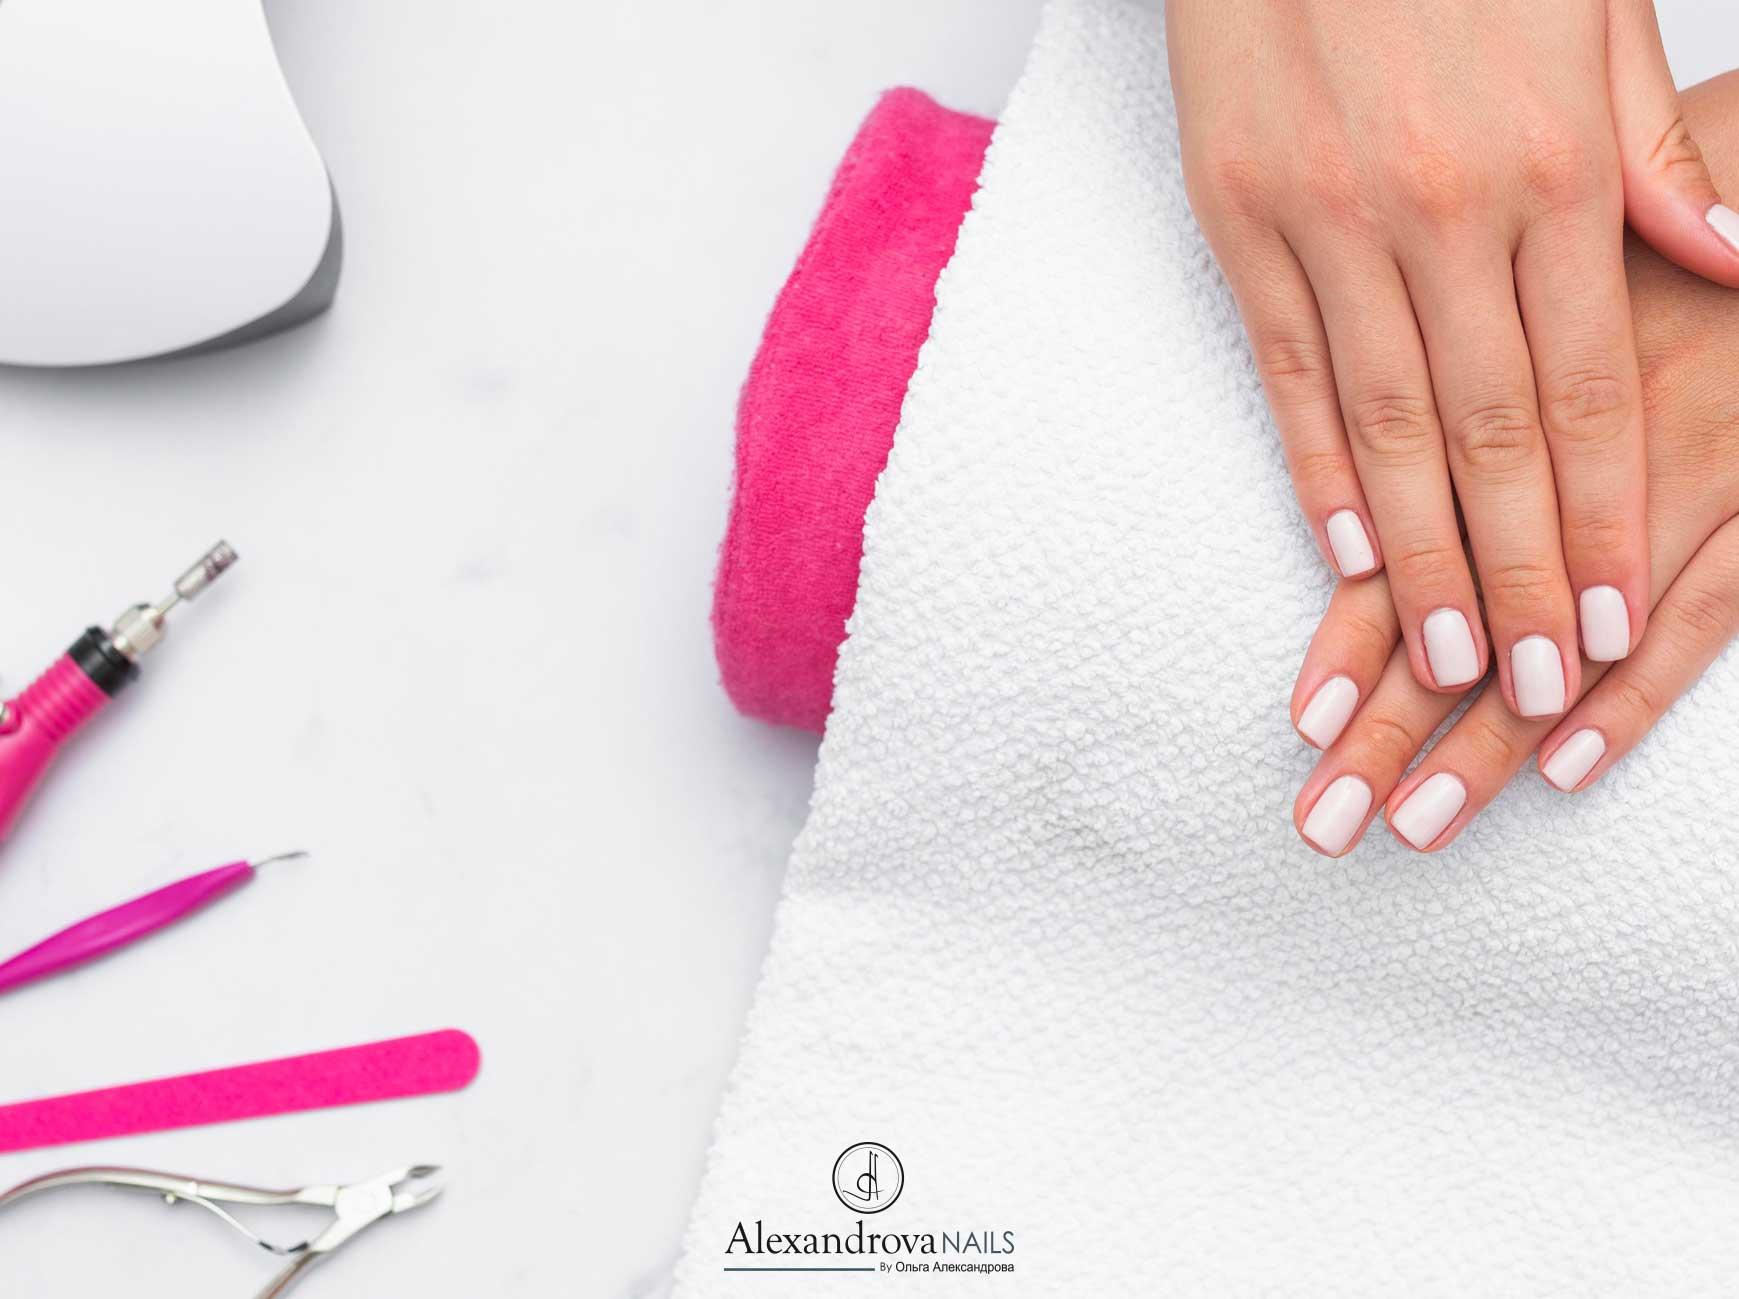 cursos de decoración de uñas acrílicas, uñas de gel y diferentes técnicas de manicura